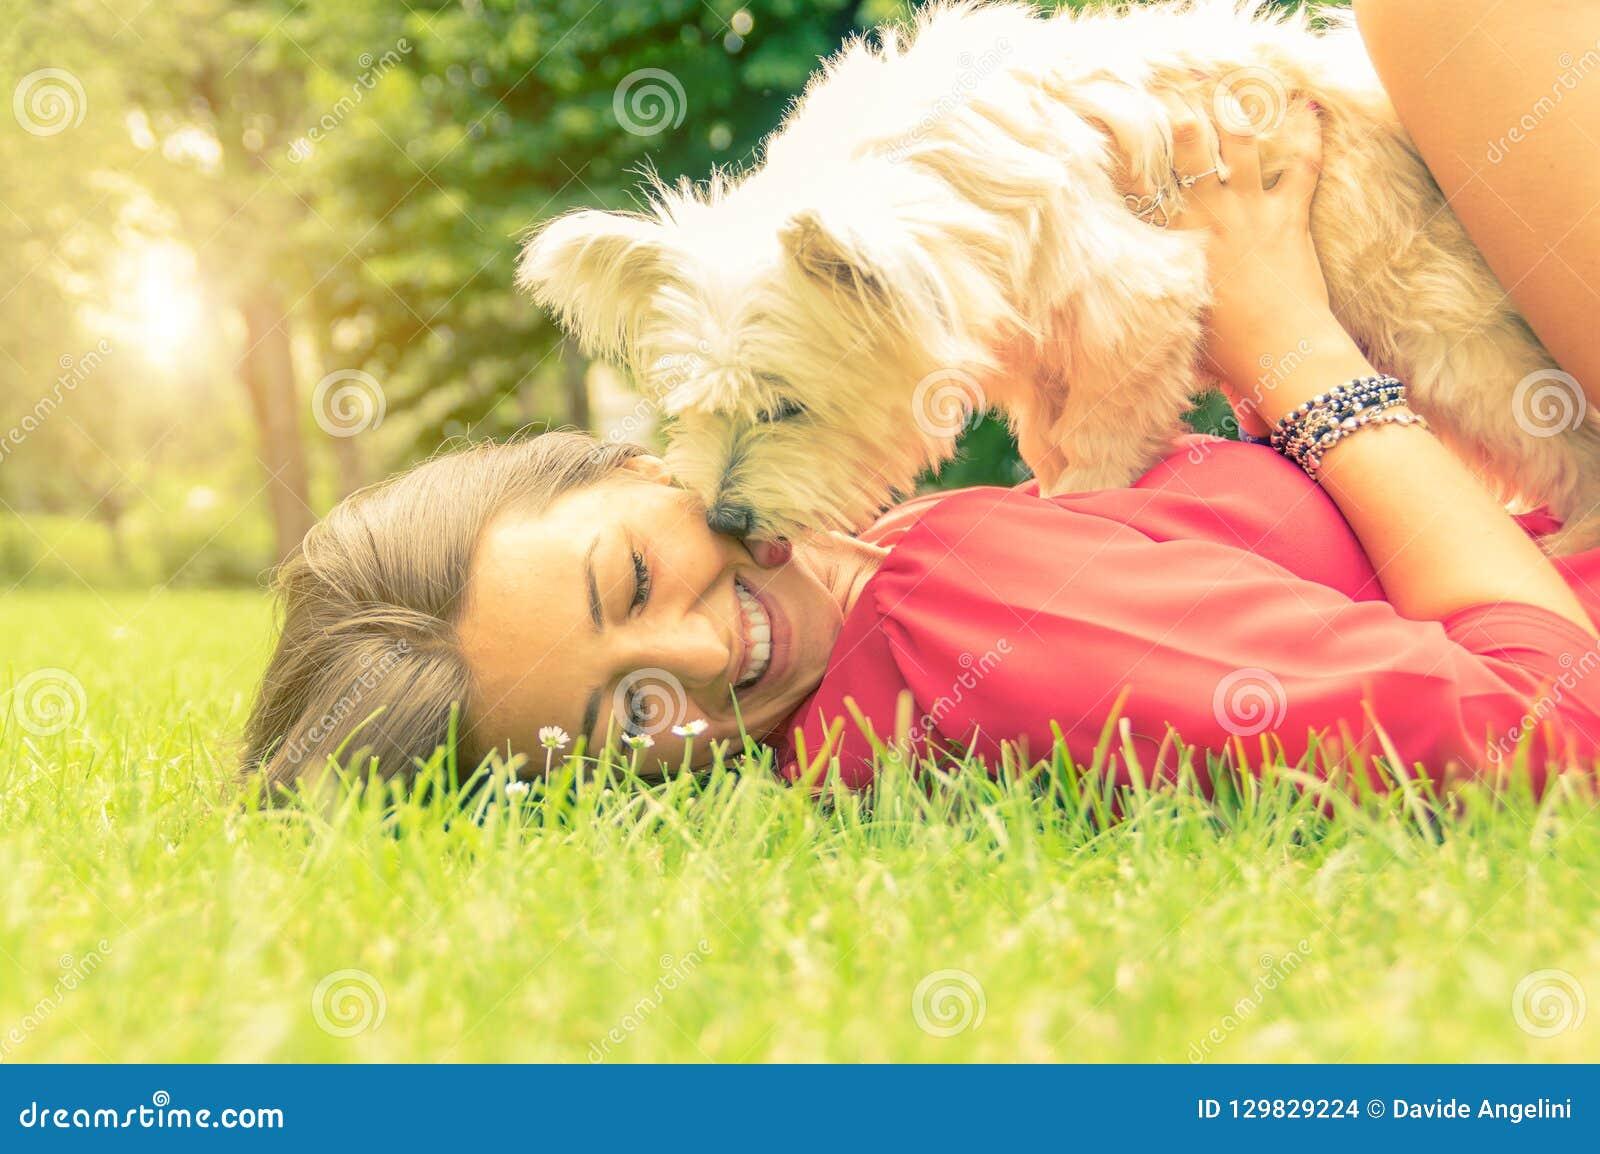 Liefde tussen mens en hond